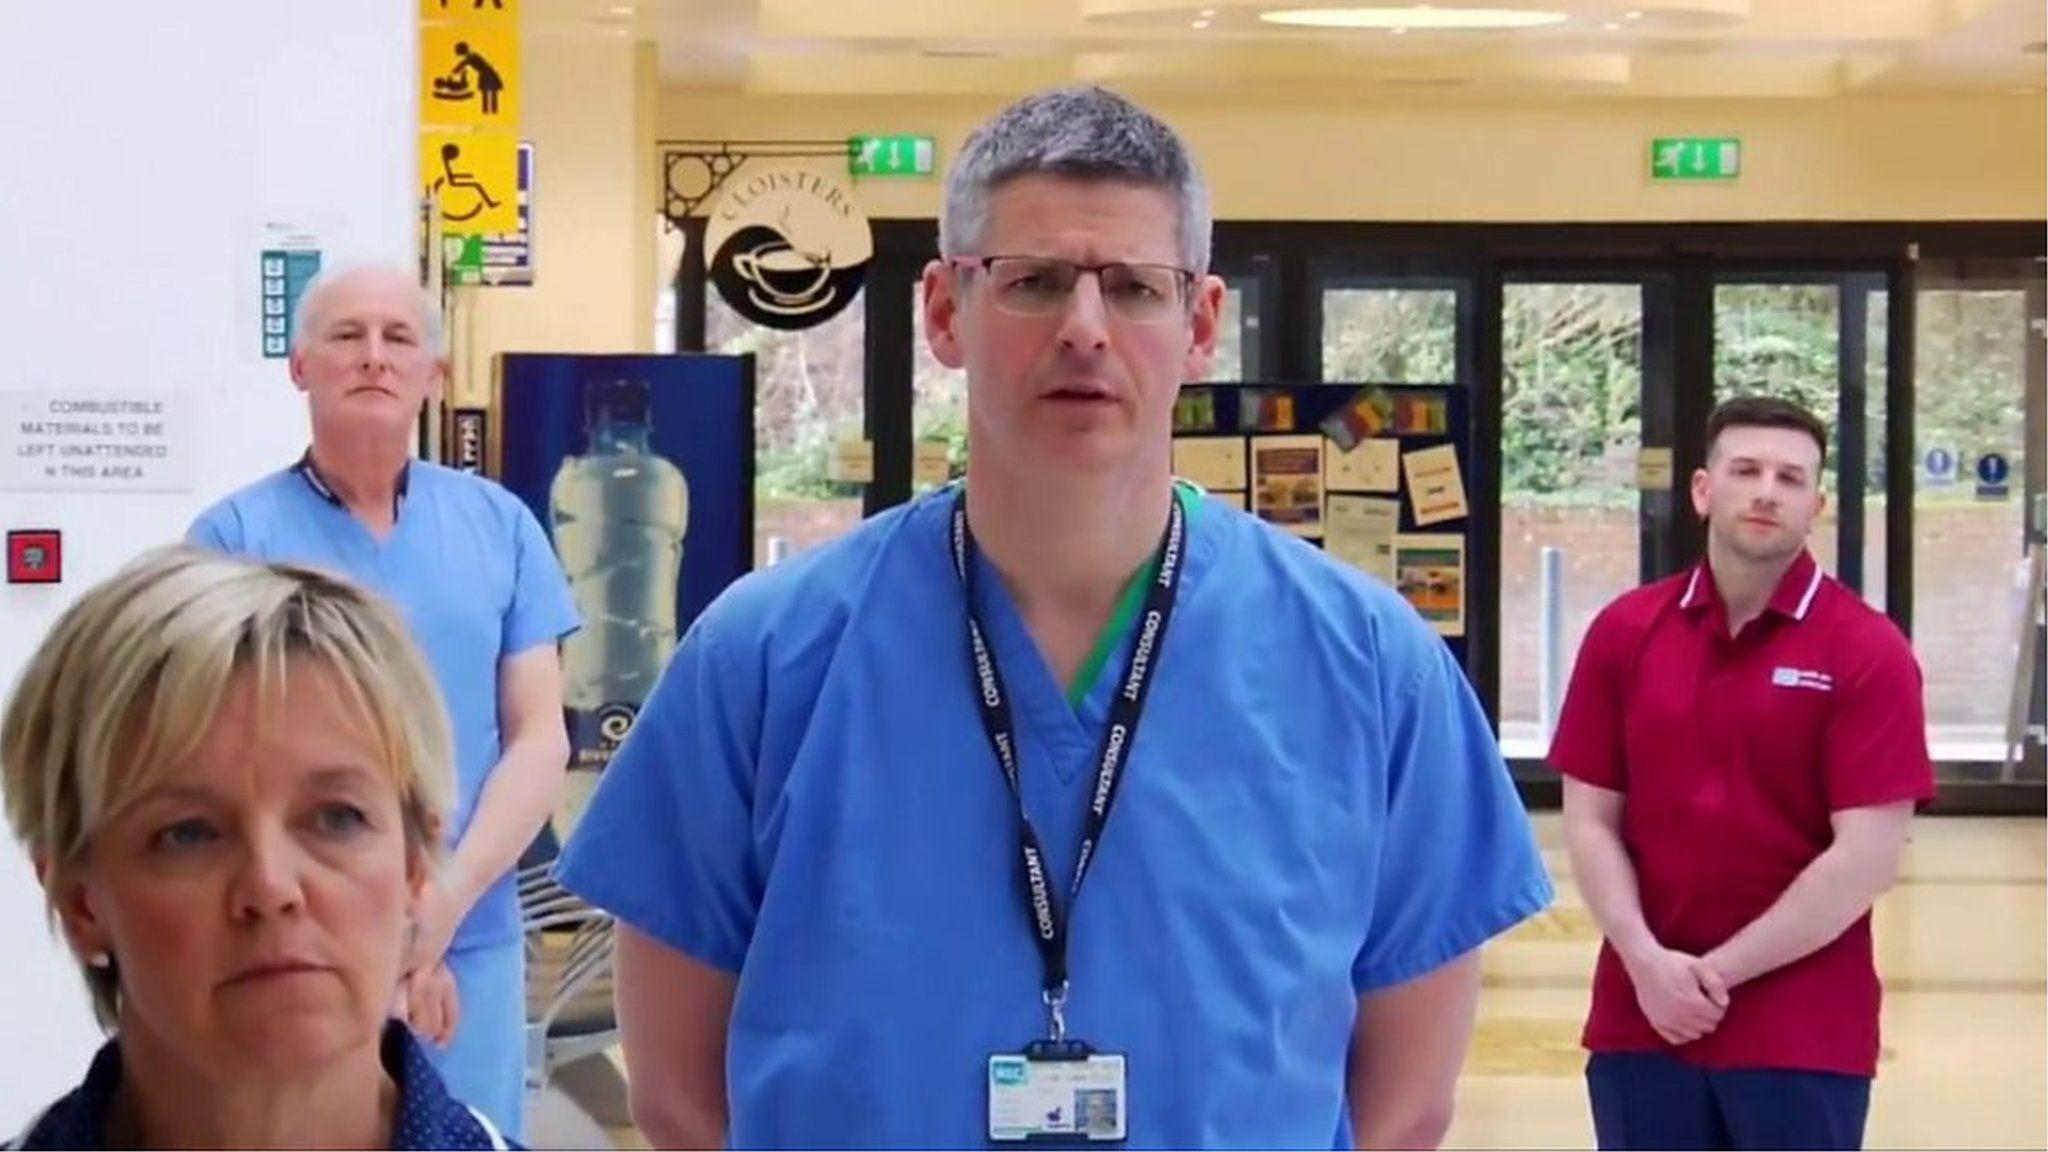 命を救うため「家から出ないで」 イギリスの医師ら、動画で呼びかけ